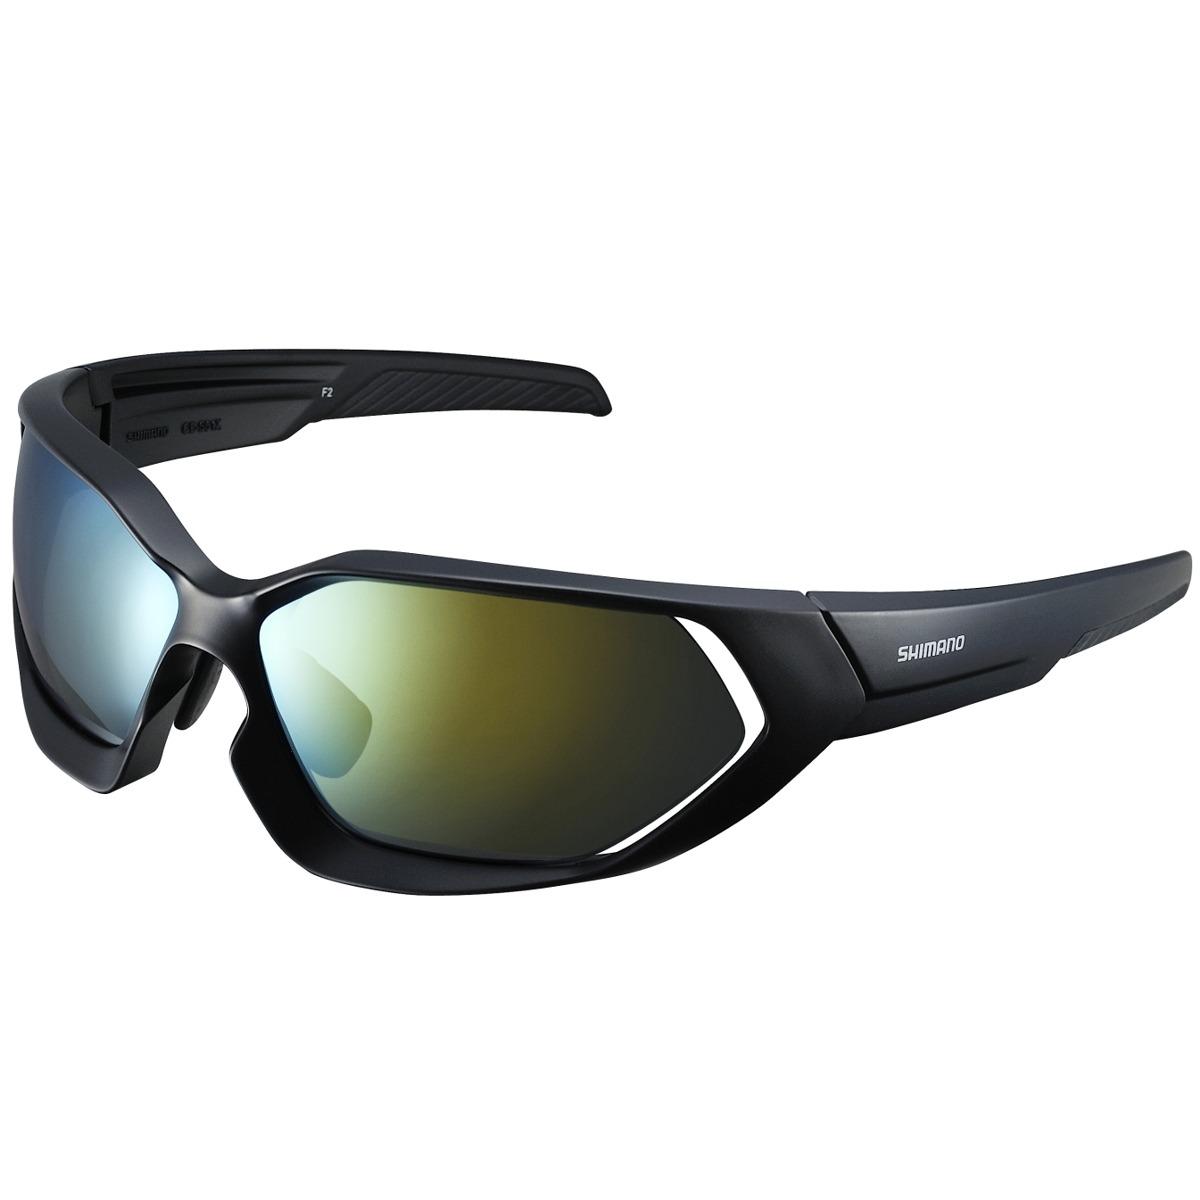 ecfaa1d2a6725 Óculos Shimano Ce-s51x Preto Fosco 3 Lentes - R  266,90 em Mercado Livre